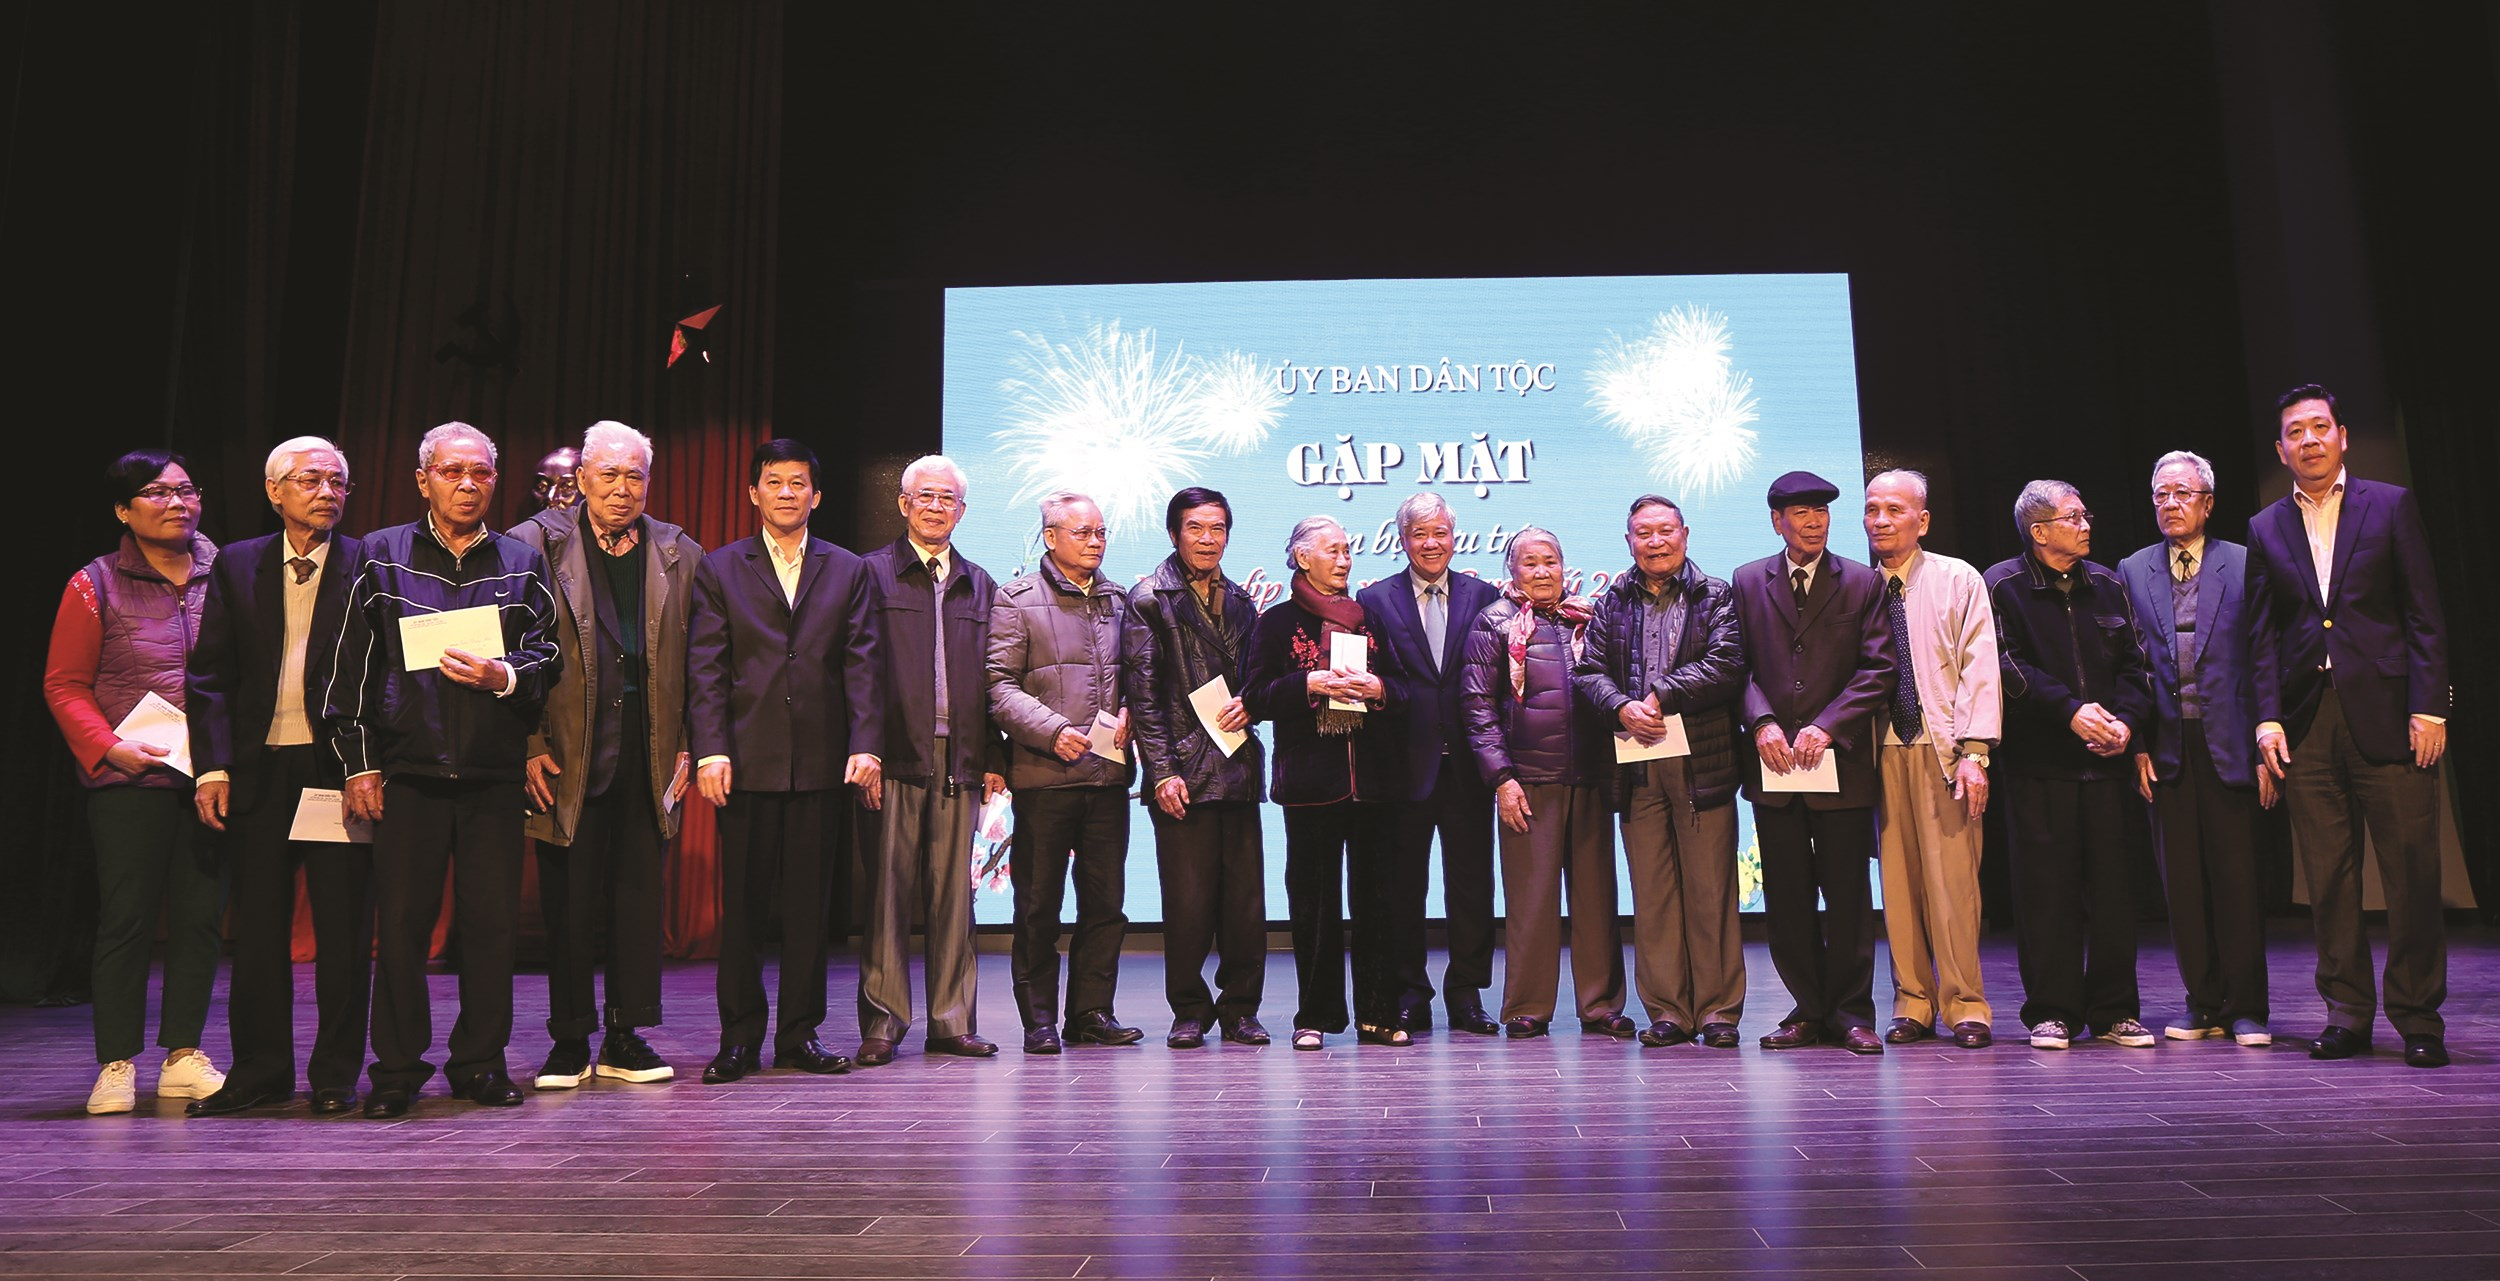 Bộ trưởng, Chủ nhiệm Đỗ Văn Chiến tặng quà mừng thọ cho cán bộ hưu trí từ 80 tuổi trở lên.